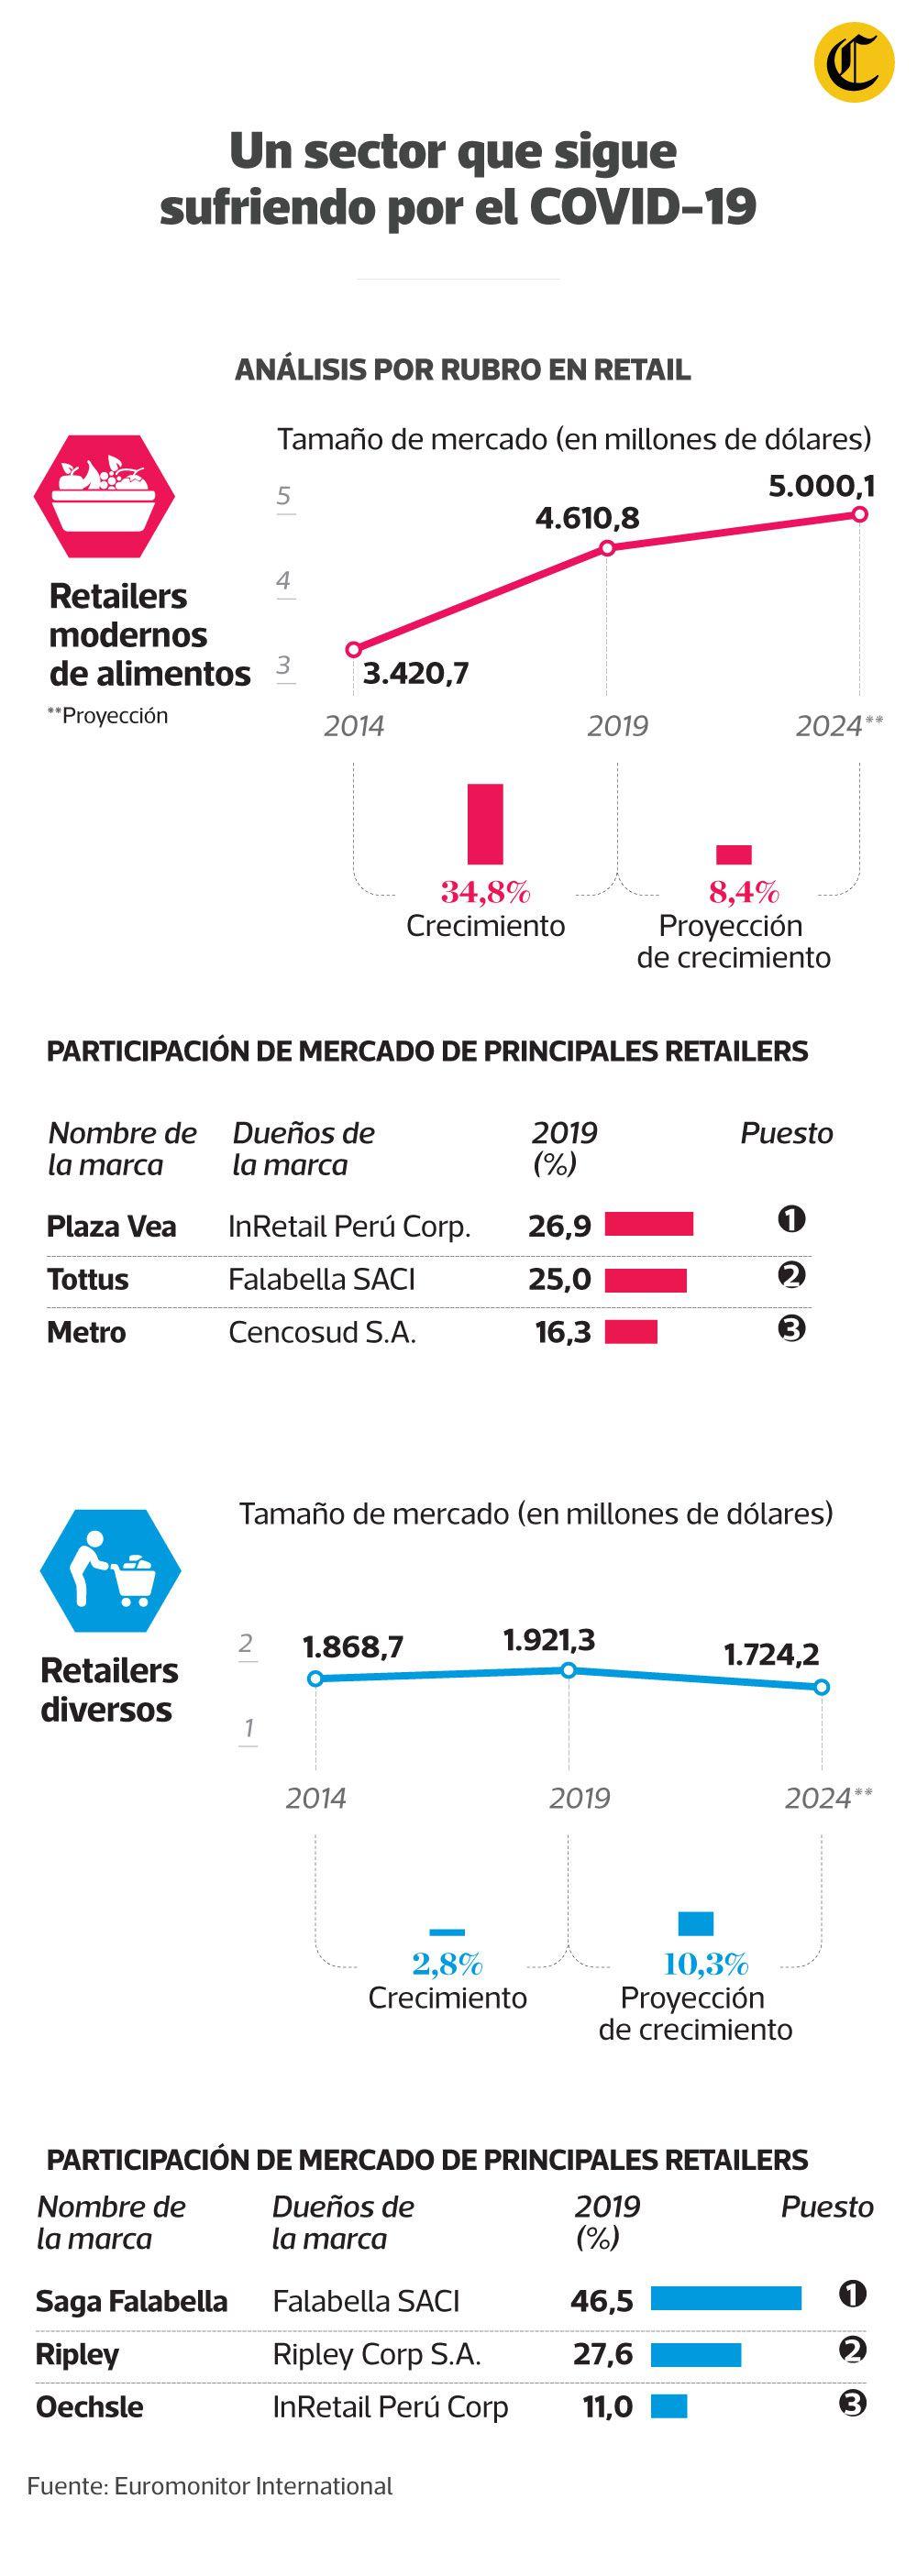 Retail, un sector que sigue sufriendo por el COVID-19.  (Infografía: Jean Izquierdo/El Comercio; Fuentes: Kantar Worldpanel, Euromonitor International, Google)